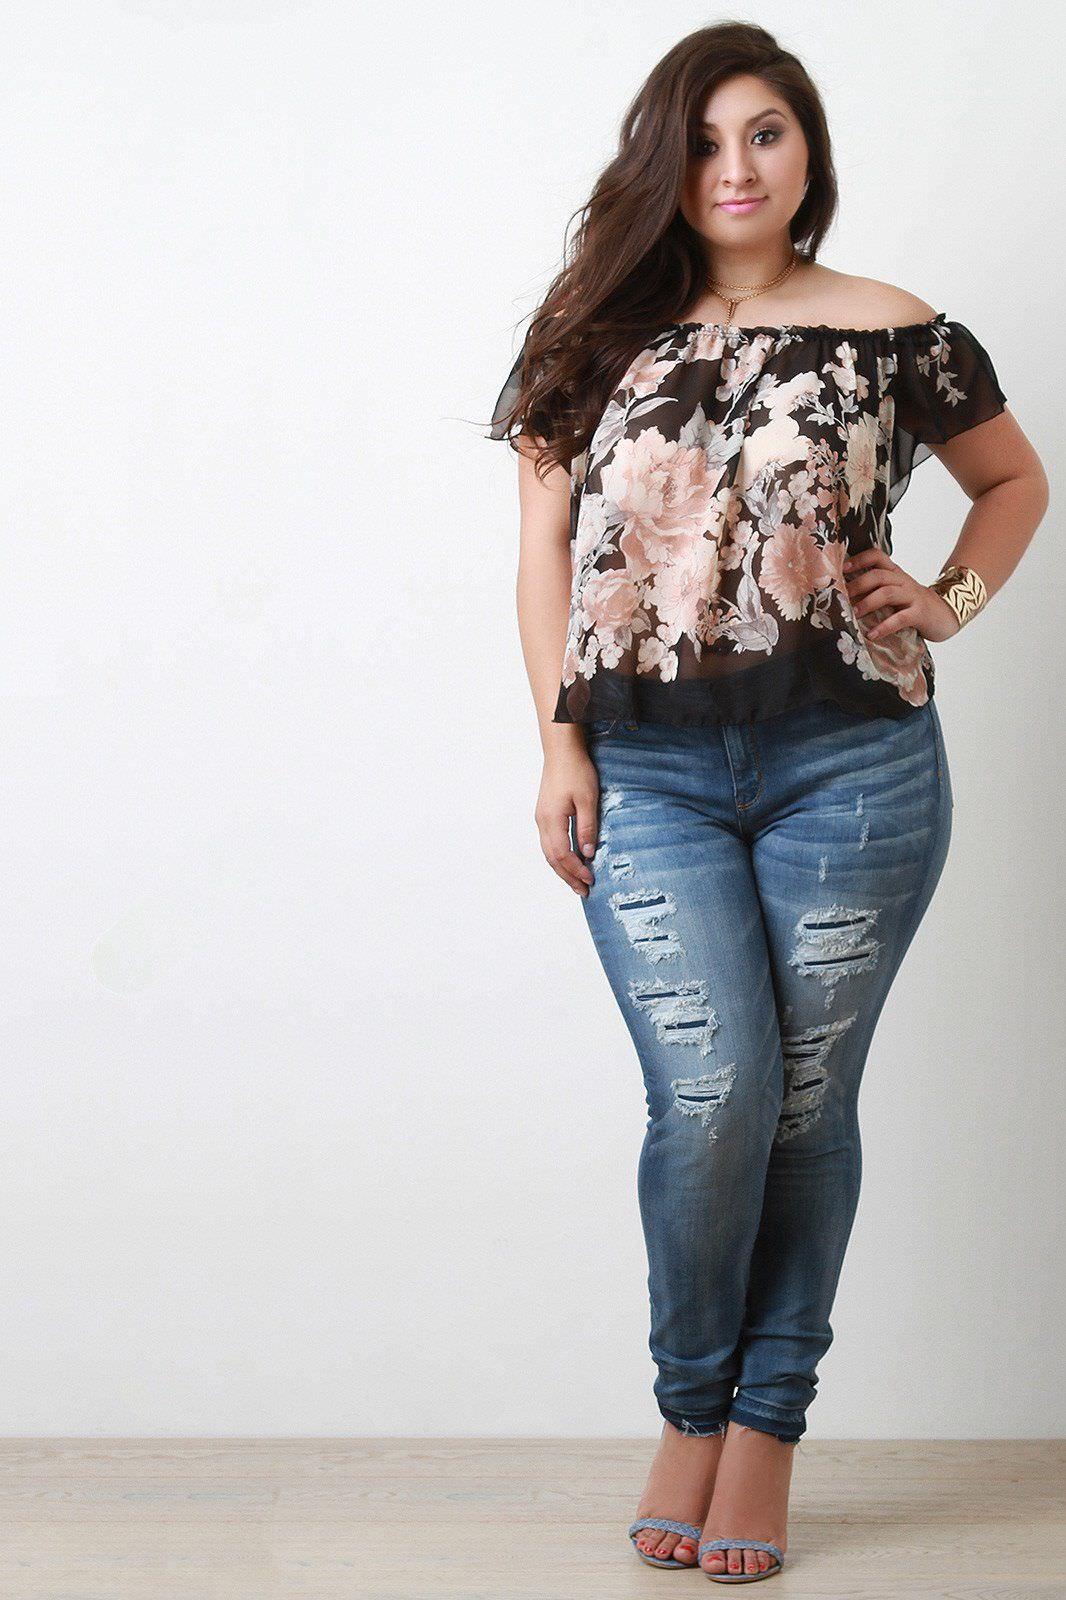 Обтягивающие джинсы для полных девушек